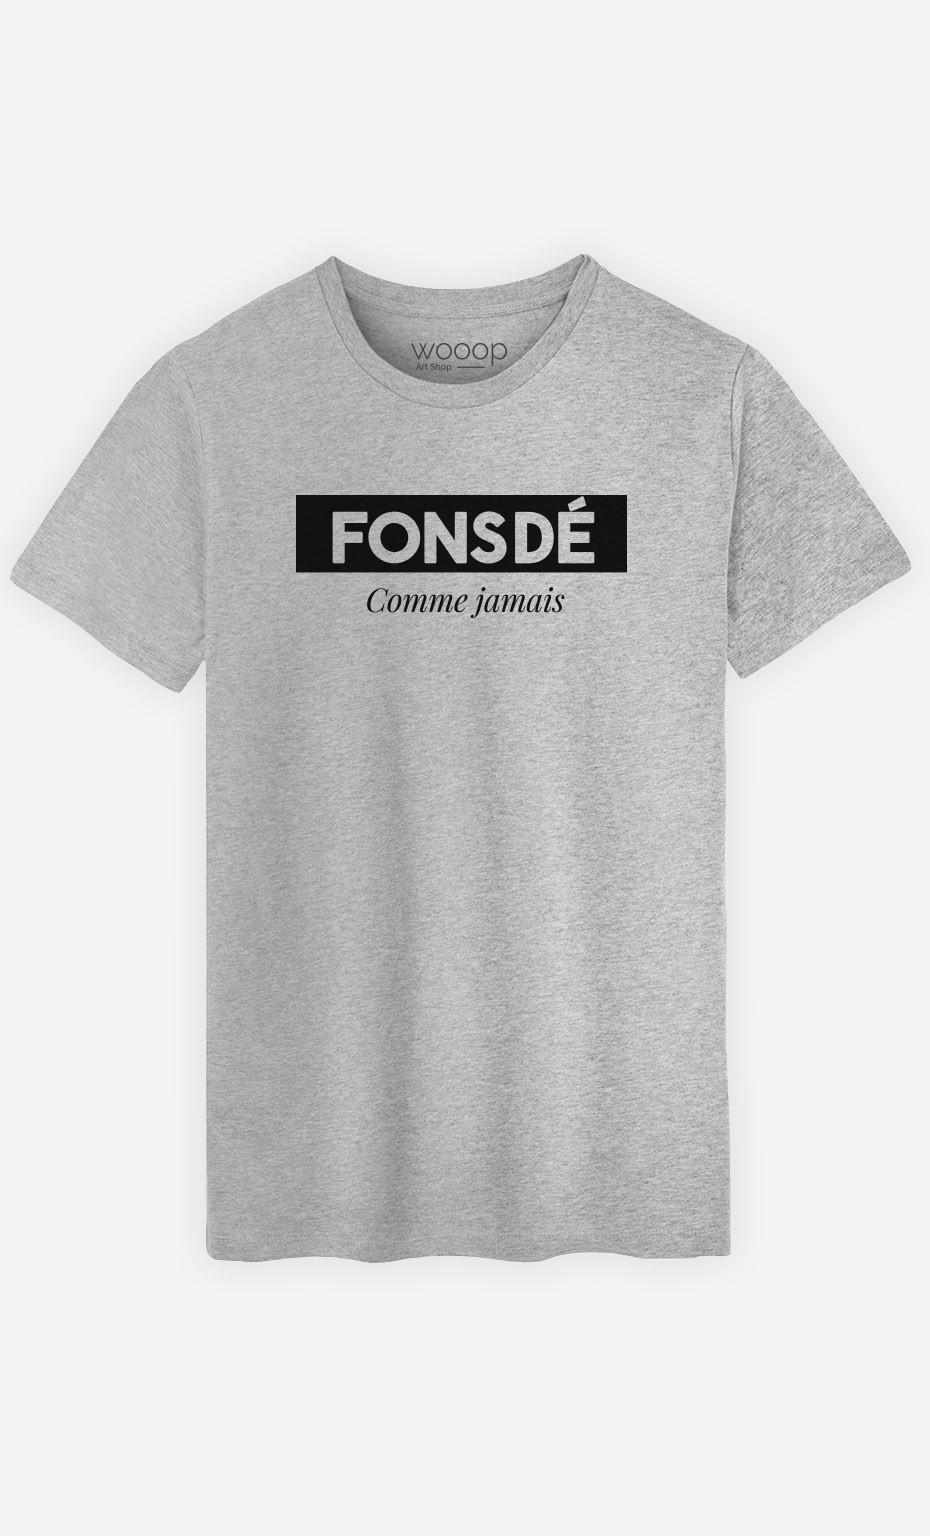 T-Shirt Fonsdé Comme Jamais